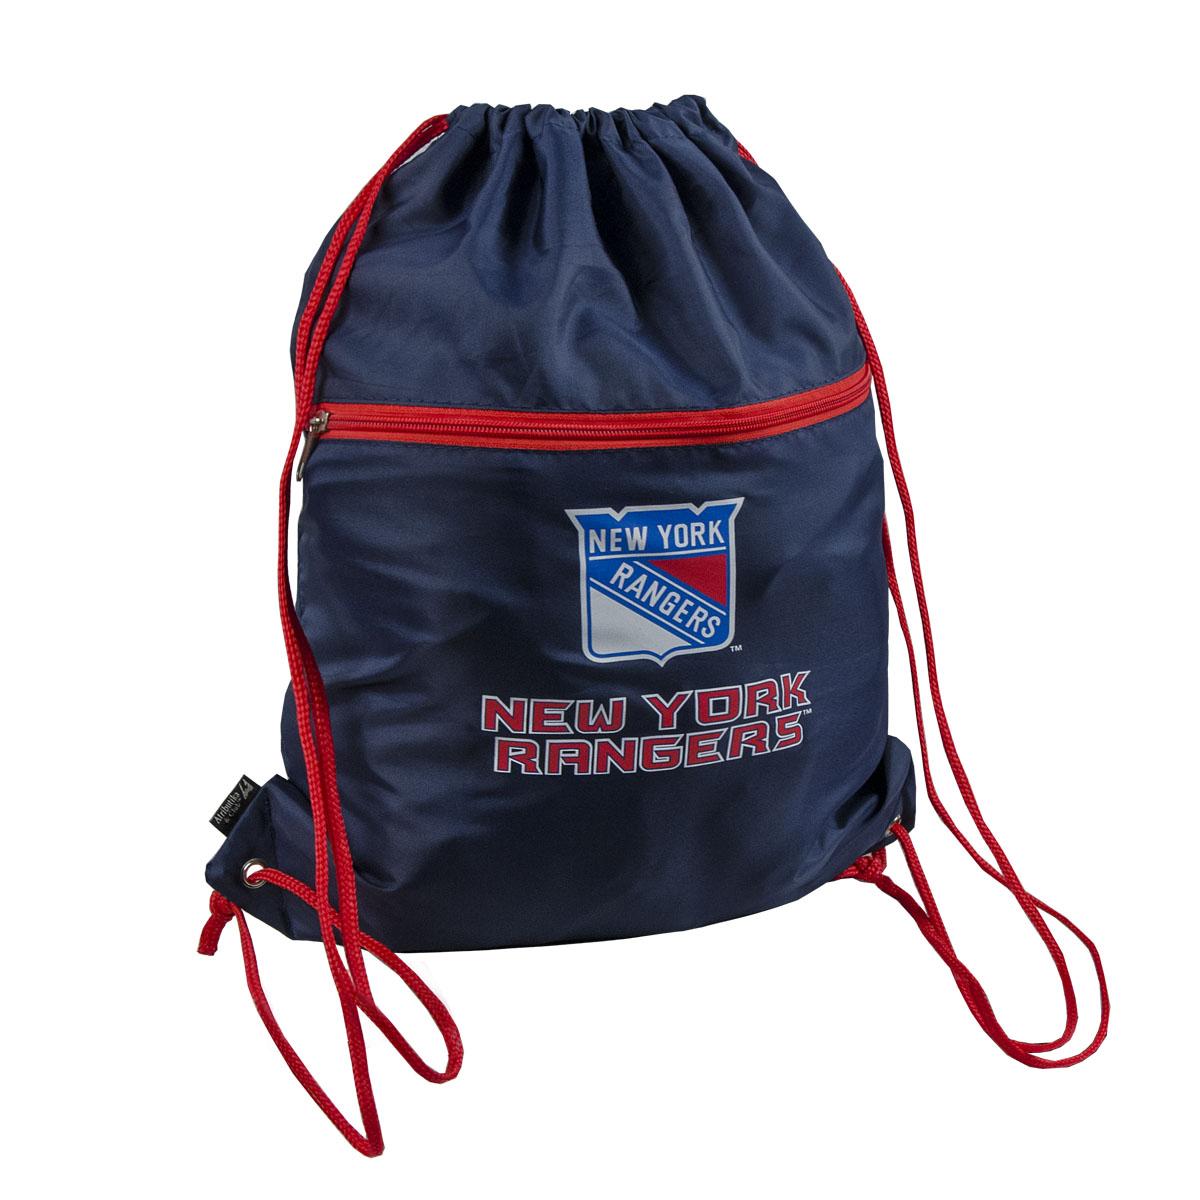 Мешок на шнурке NHL Rangers, цвет: синий, 15 л58026Мешок на шнурке NHL Rangers выполнен из 100% полиэстера. Он выполняет функции рюкзака, благодаря плечевым лямкам, которые надежно фиксируют изделие у его верхнего основания. Мешок имеет 2 отделения, одно из которых закрывается на молнию. Украшен эмблемой хоккейной команды Rangers.